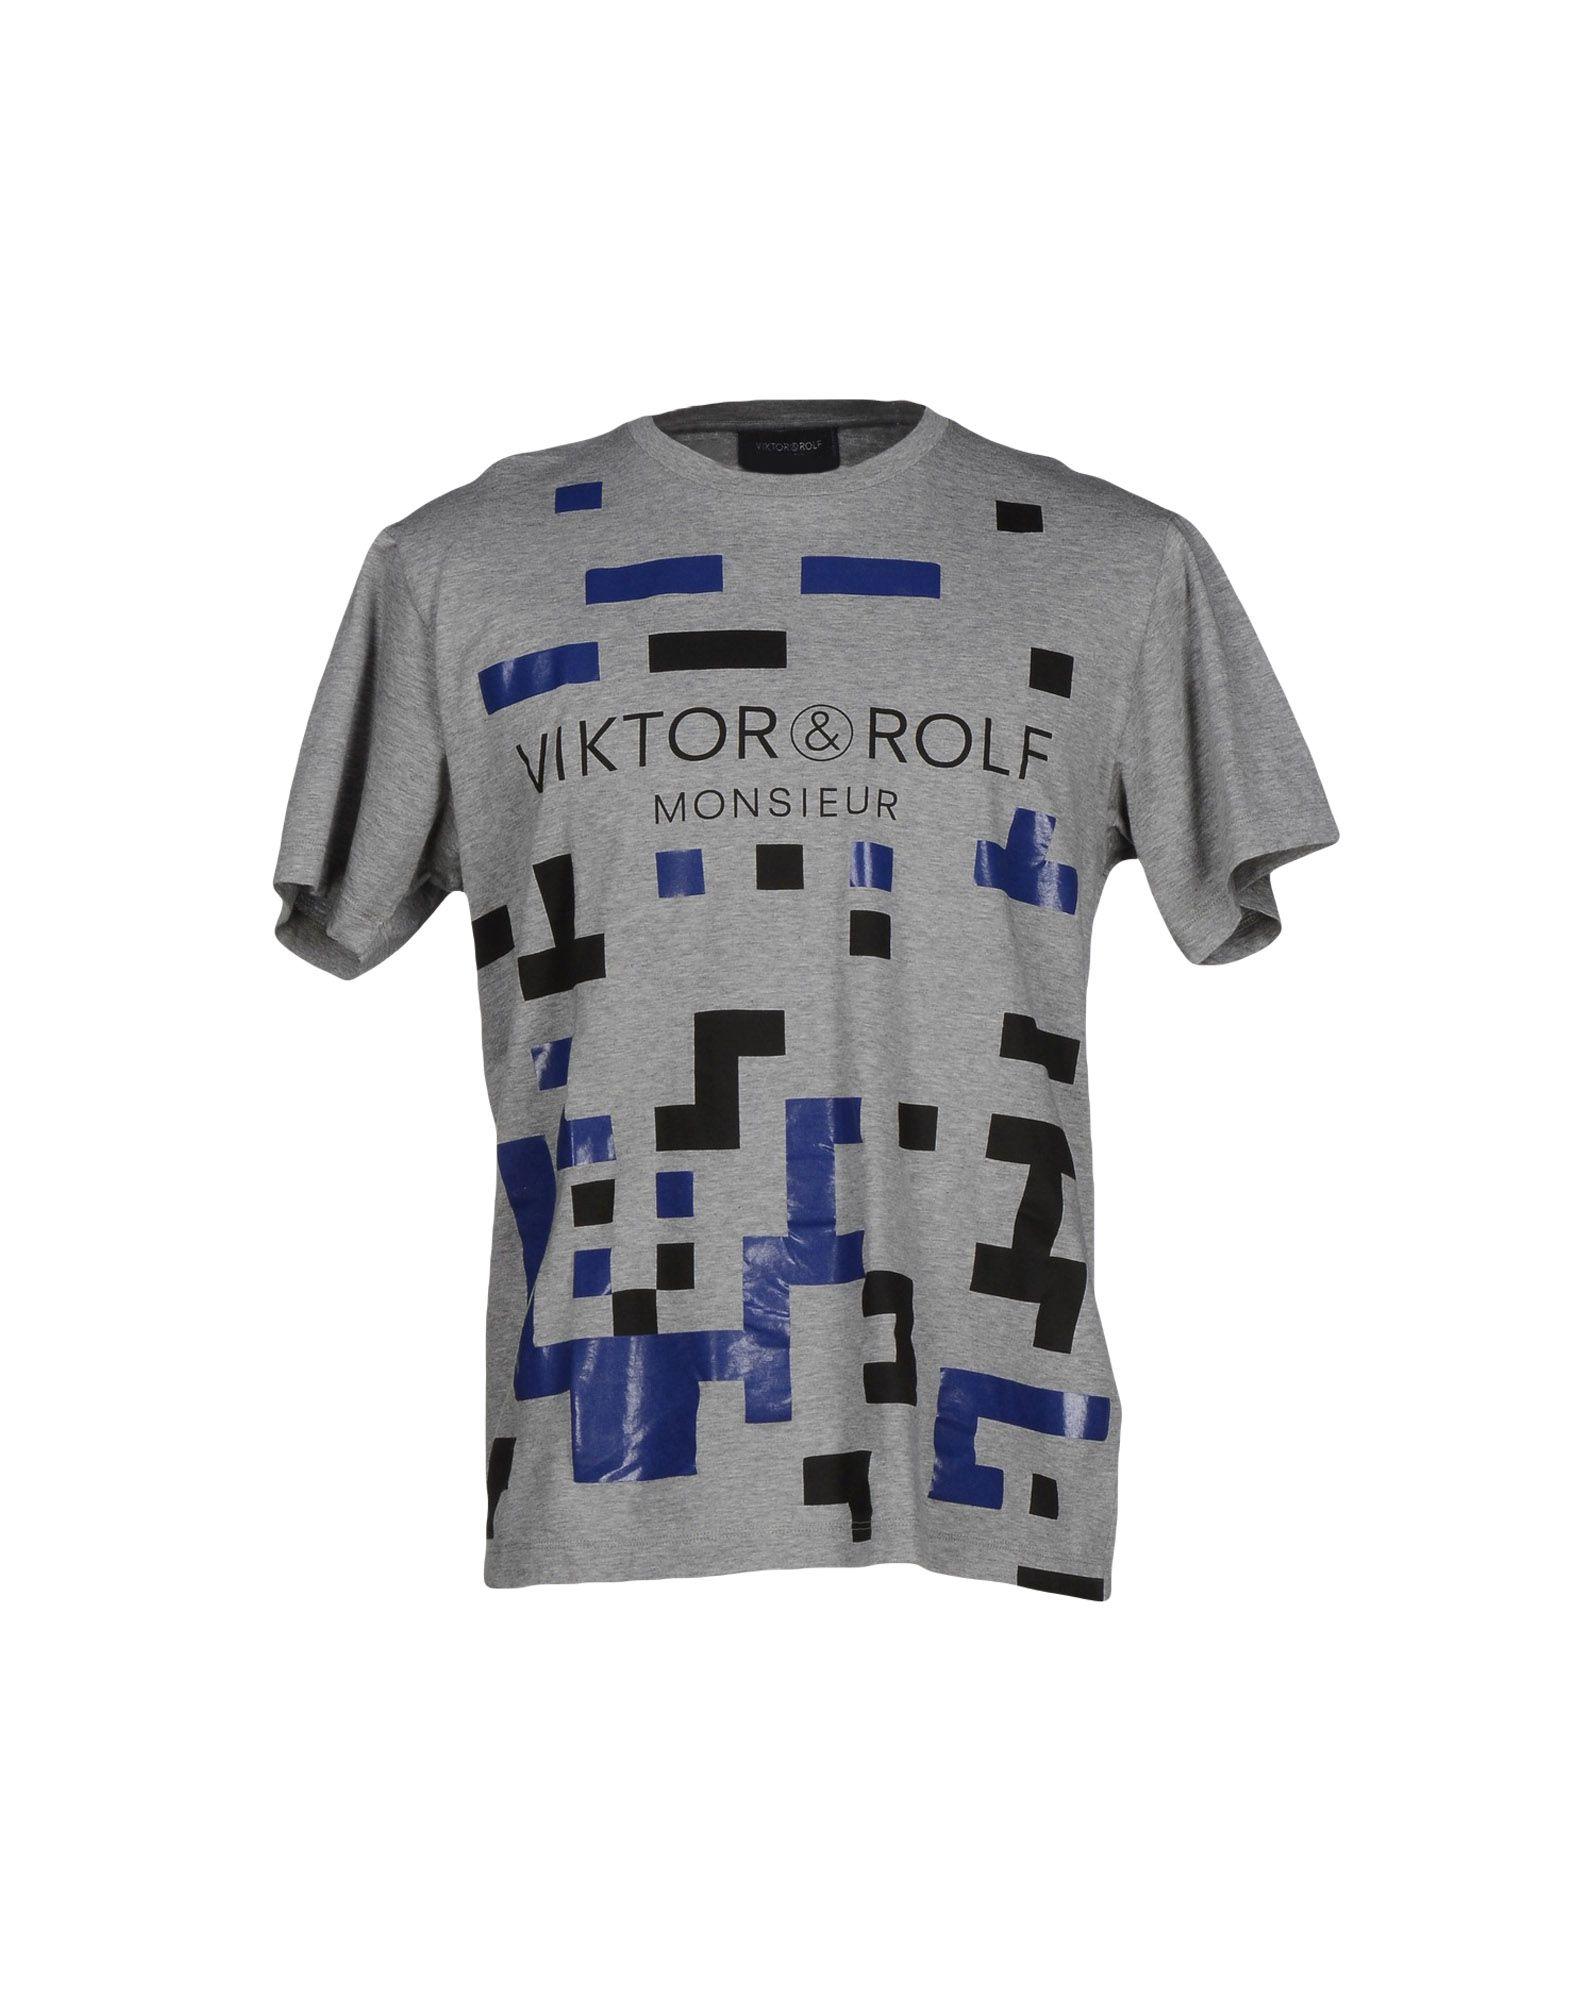 VIKTOR & ROLF Monsieur Футболка viktor